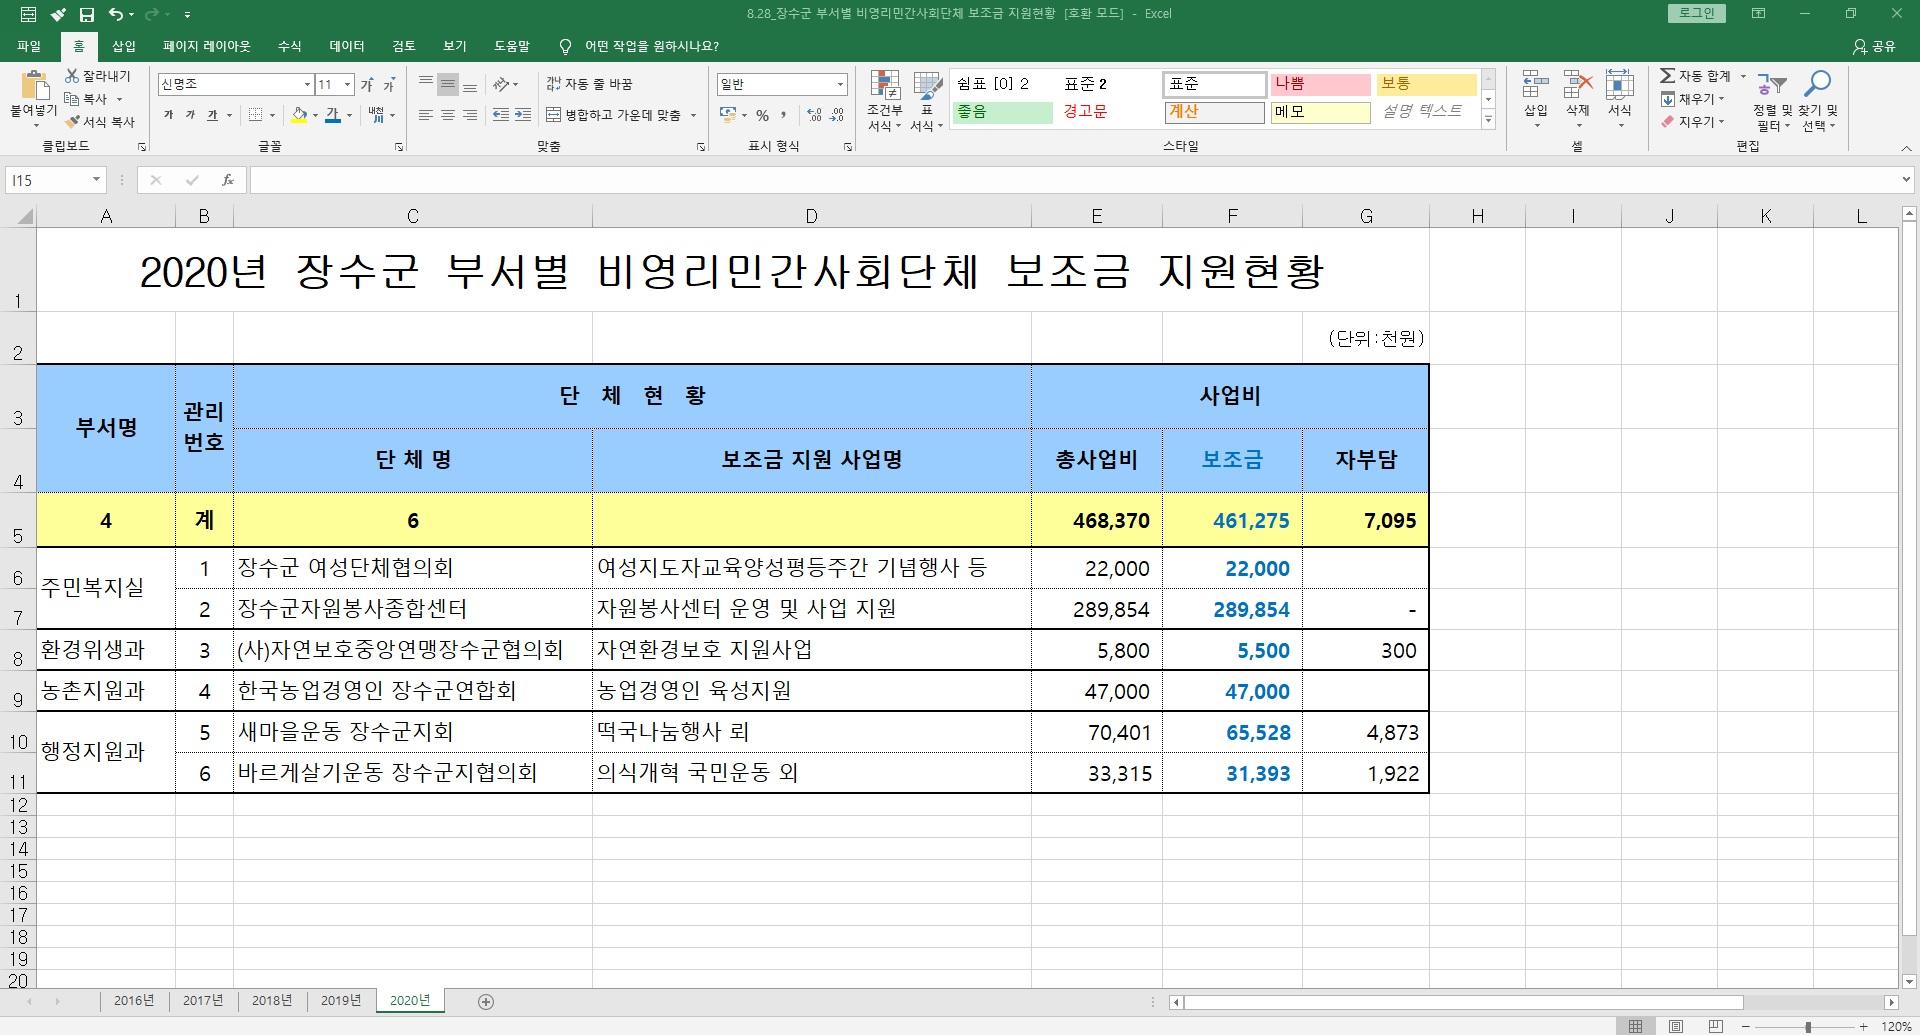 8.28_20.8.19_장수군 부서별 비영리민간사회단체 보조금 지원현황.jpg